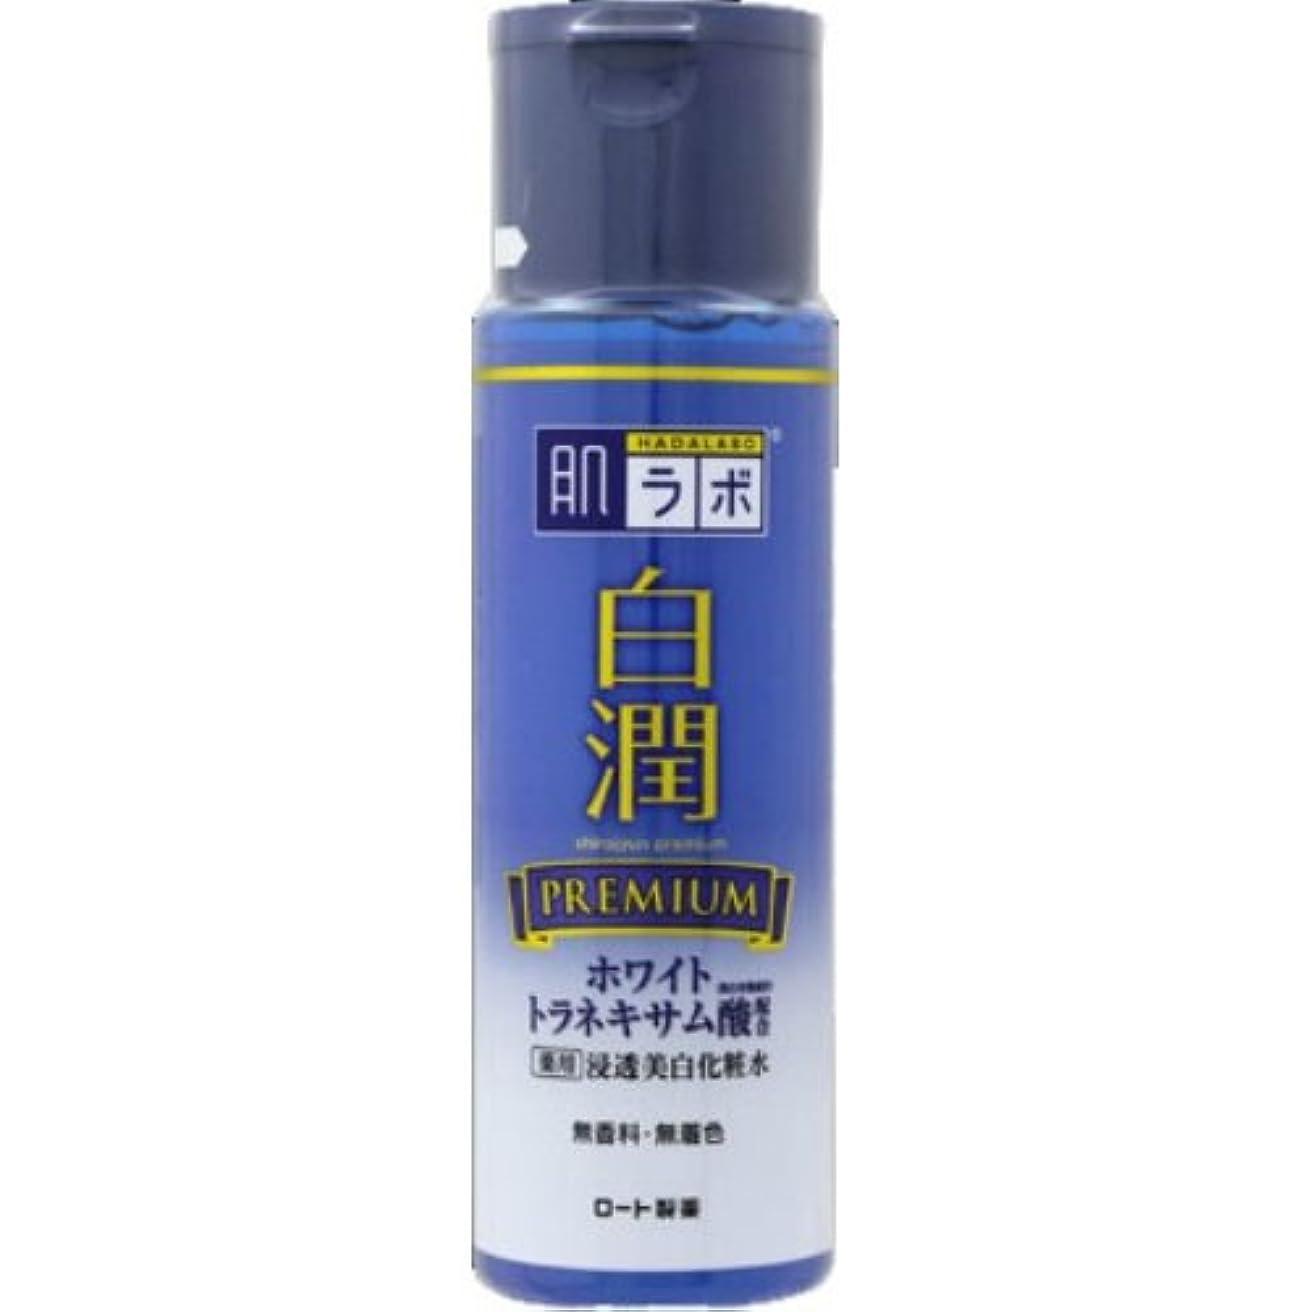 分注する召喚するハンドブック肌ラボ 白潤プレミアム 薬用浸透美白化粧水 170mL × 48個セット